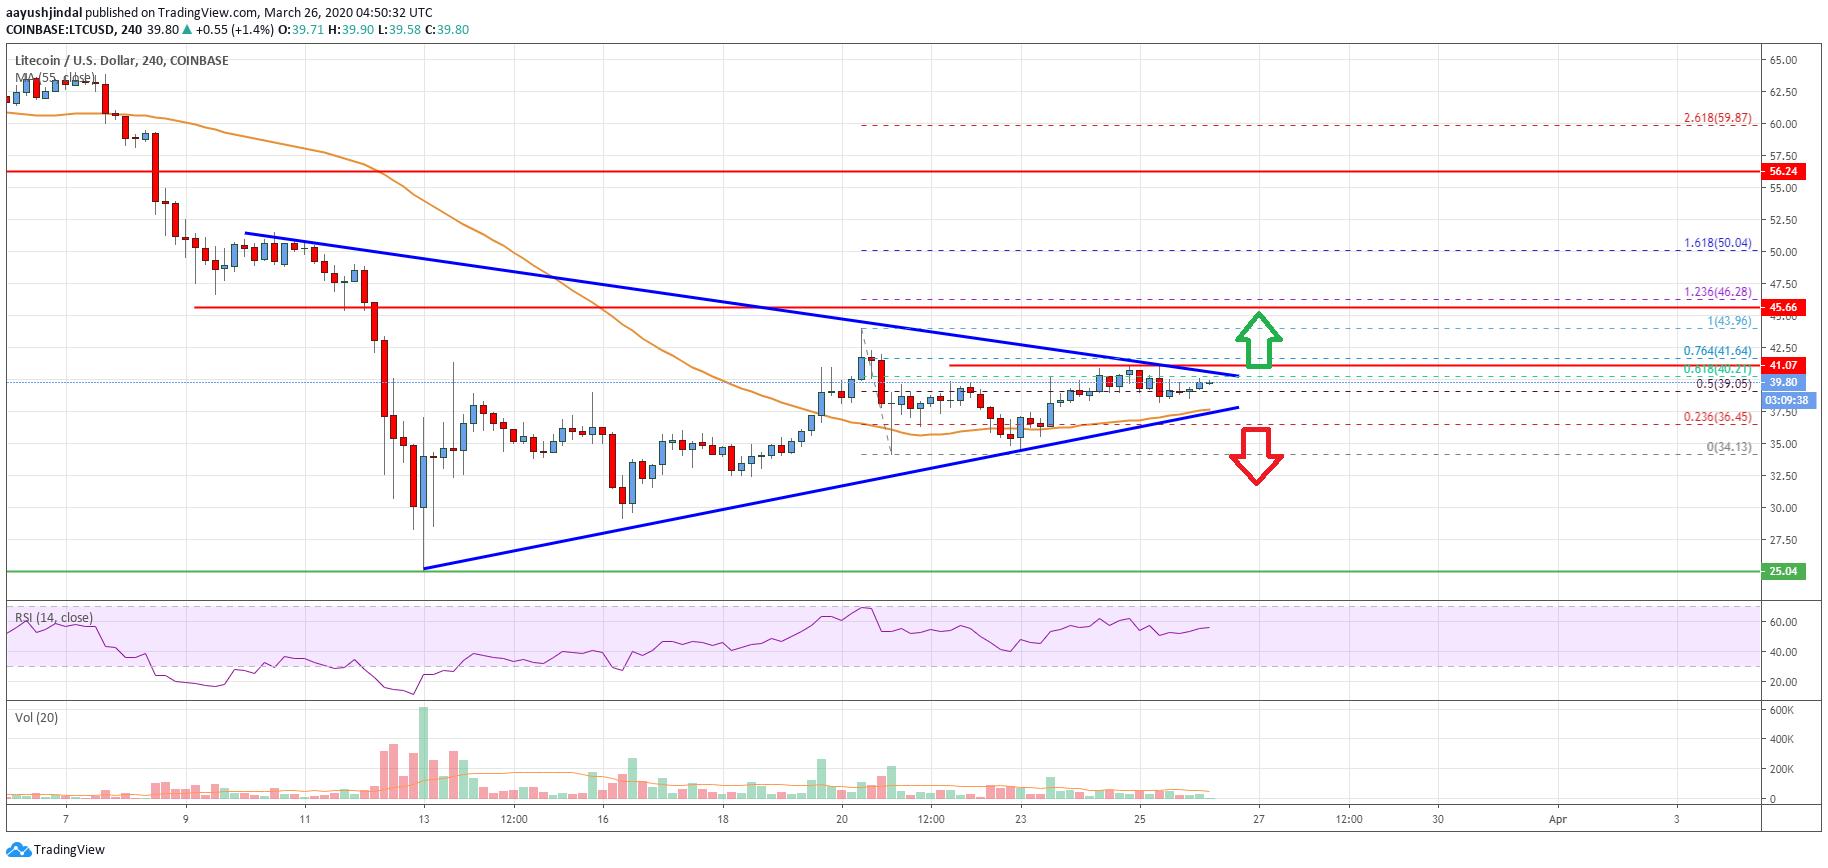 Litecoin (LTC) Price Analysis: Approaching Next Crucial Break